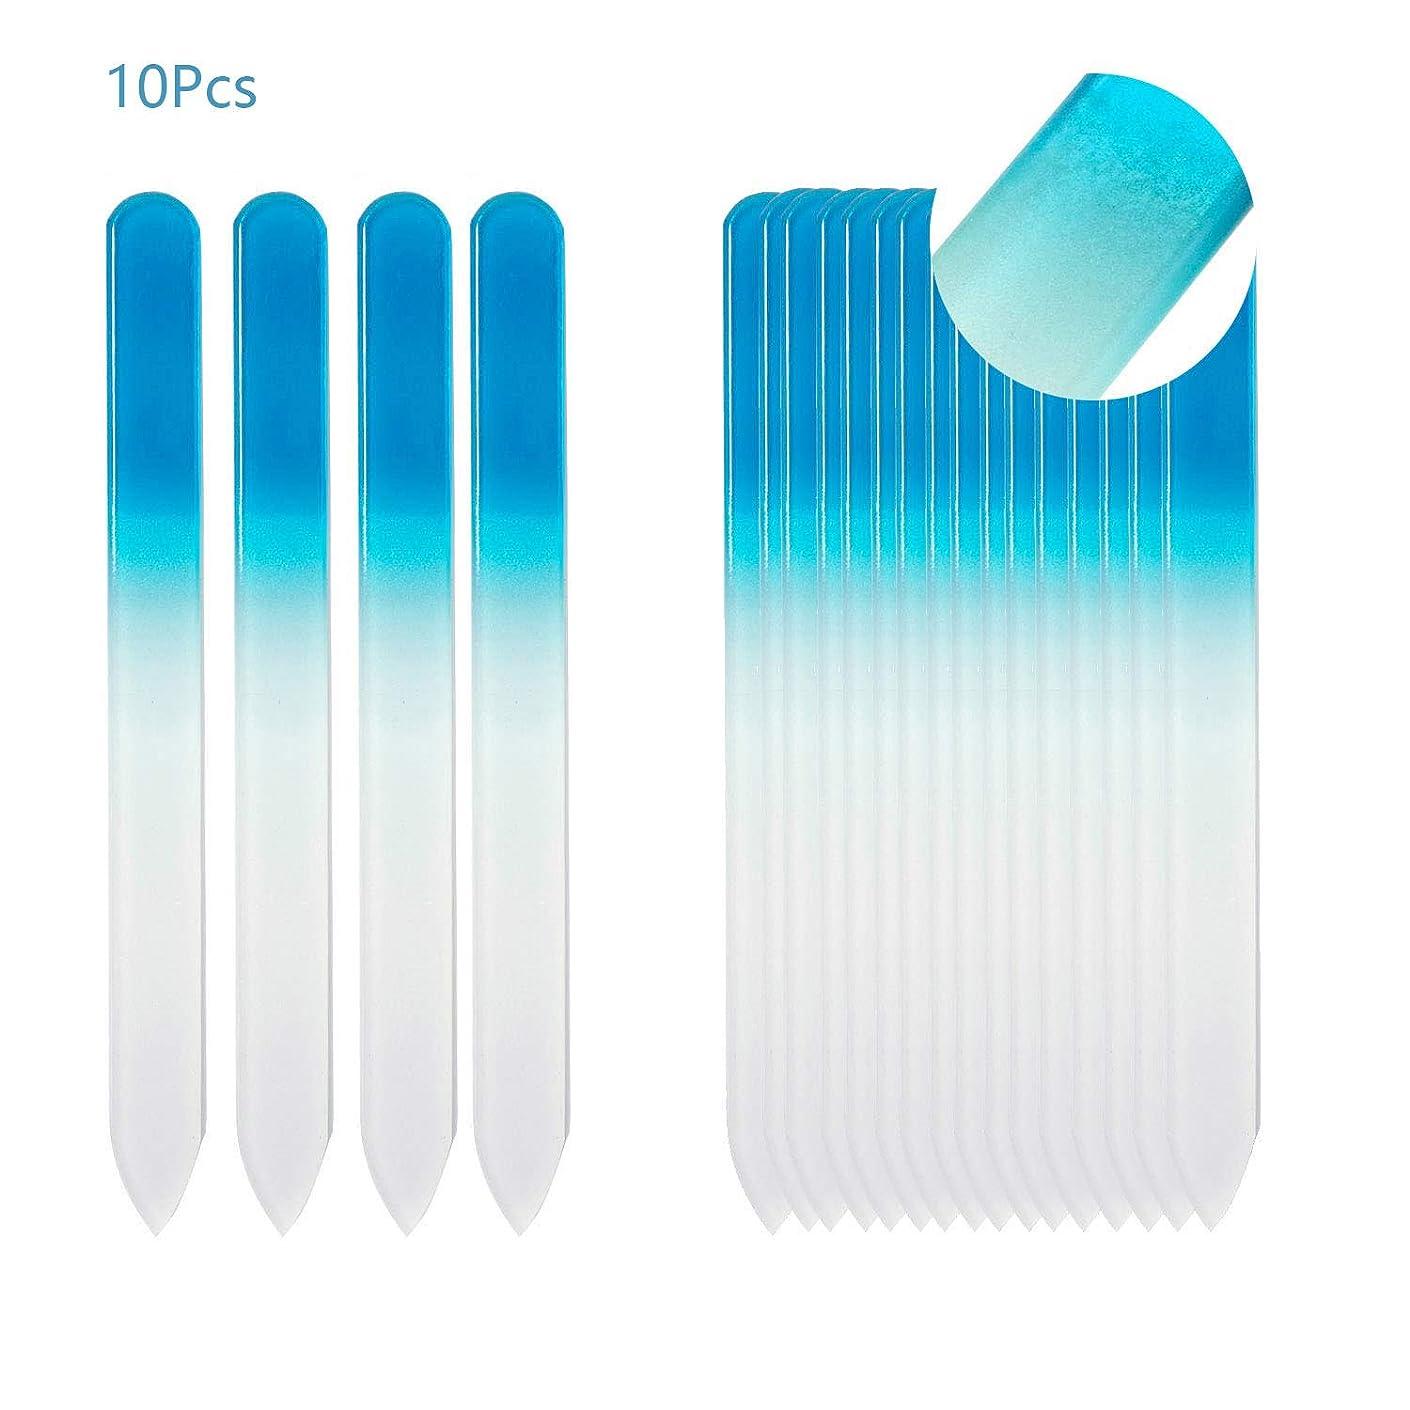 人類キリスト教社説爪やすり ガラスファイル グラスファイル 何度でも再利用 ネイル用品 ジェルネイル